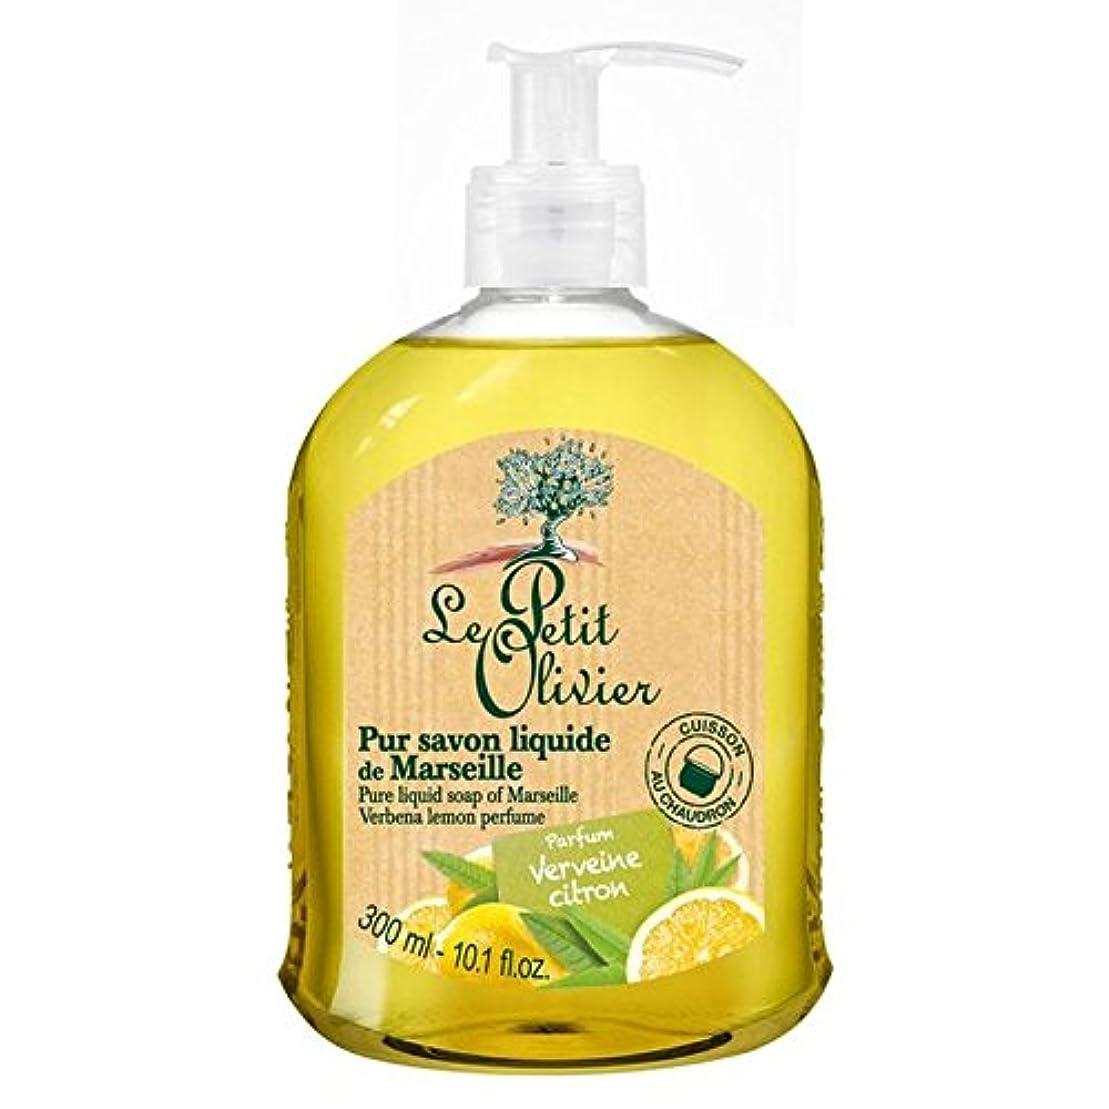 クール起きている暗くするLe Petit Olivier Pure Liquid Soap of Marseille, Verbena Lemon 300ml - マルセイユのル?プティ?オリヴィエ純粋な液体石鹸、バーベナレモン300ミリリットル...